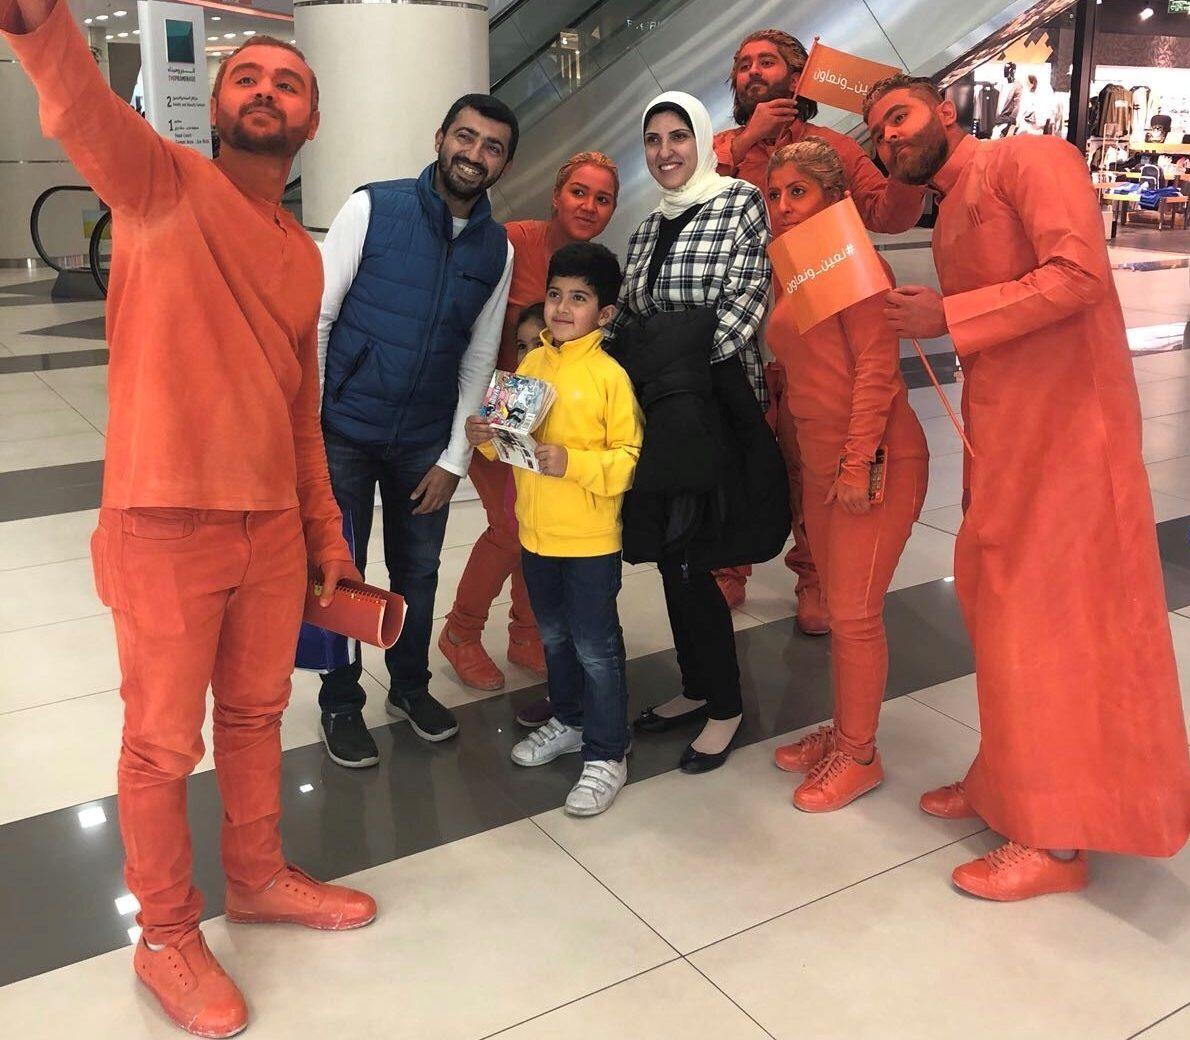 كيف اجتاحت حملة عن التعليم وسائل التواصل الاجتماعي في الكويت؟